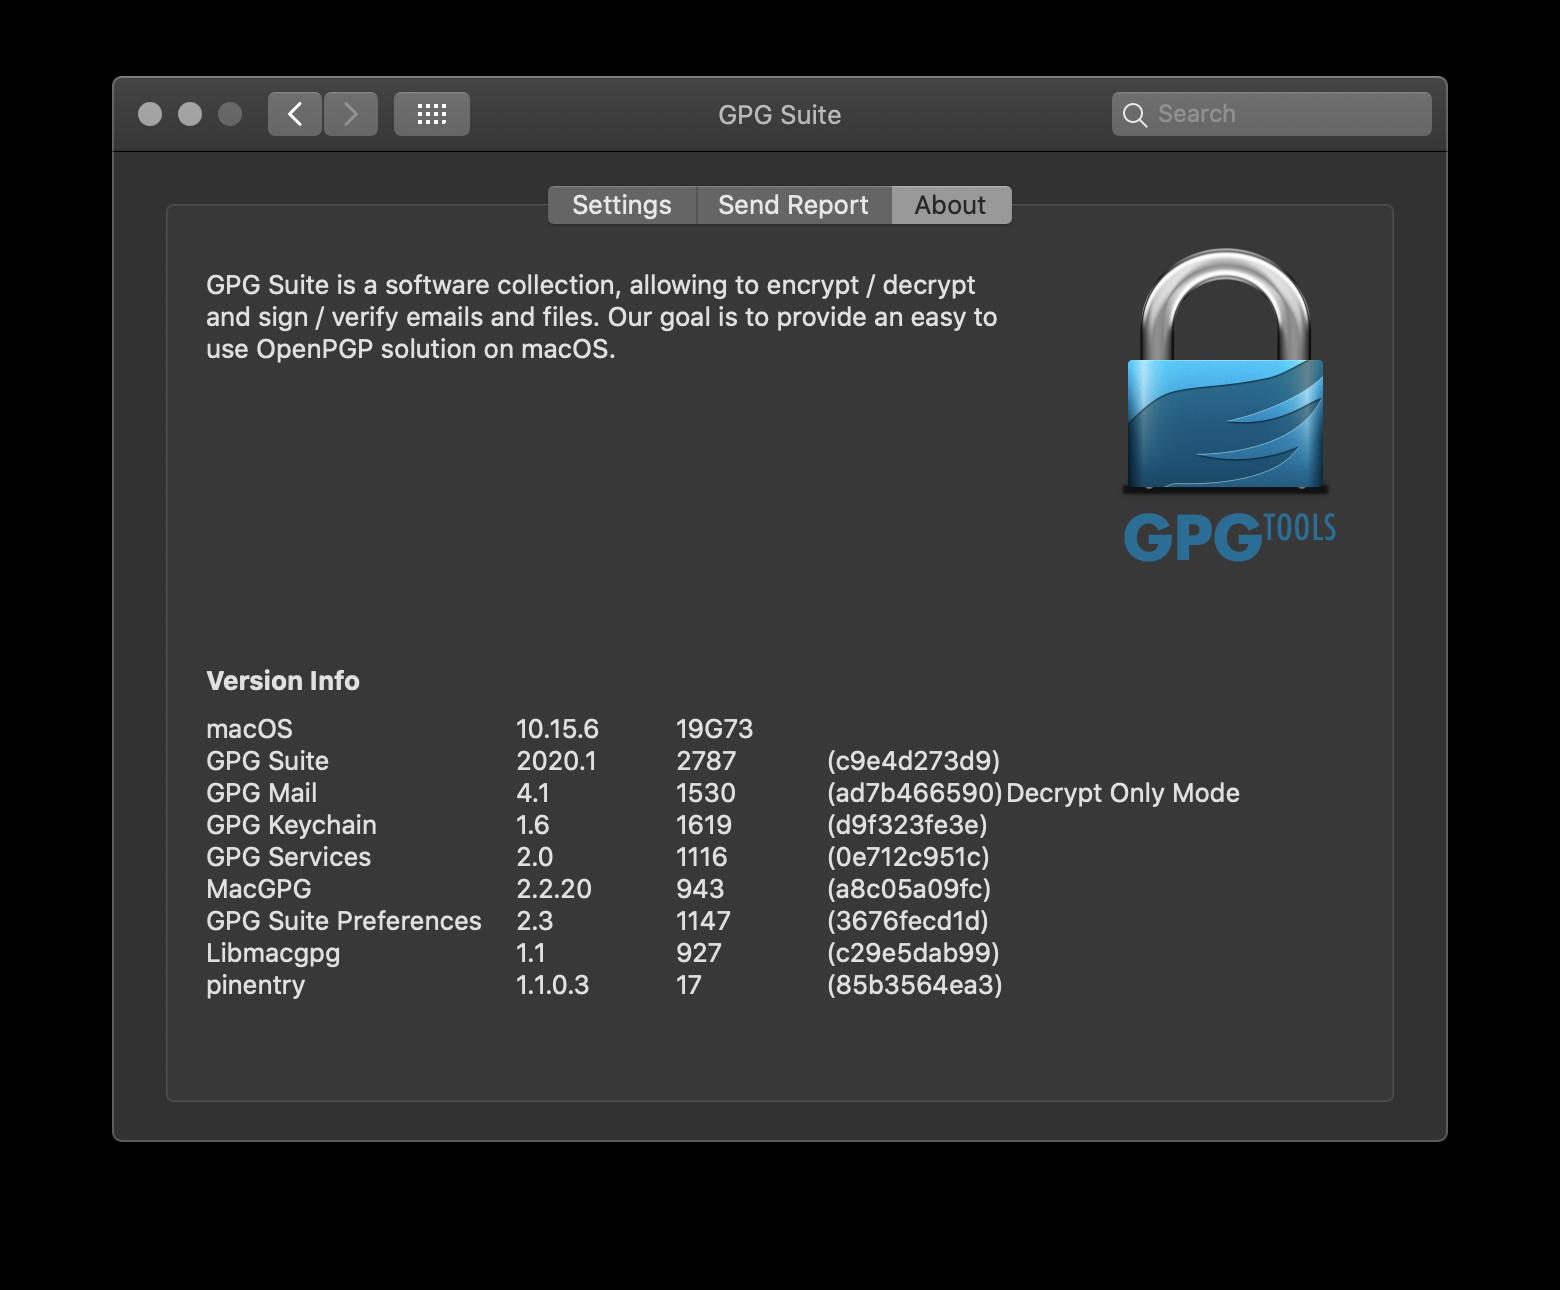 Screenshot_2020-08-11_at_19.55.50